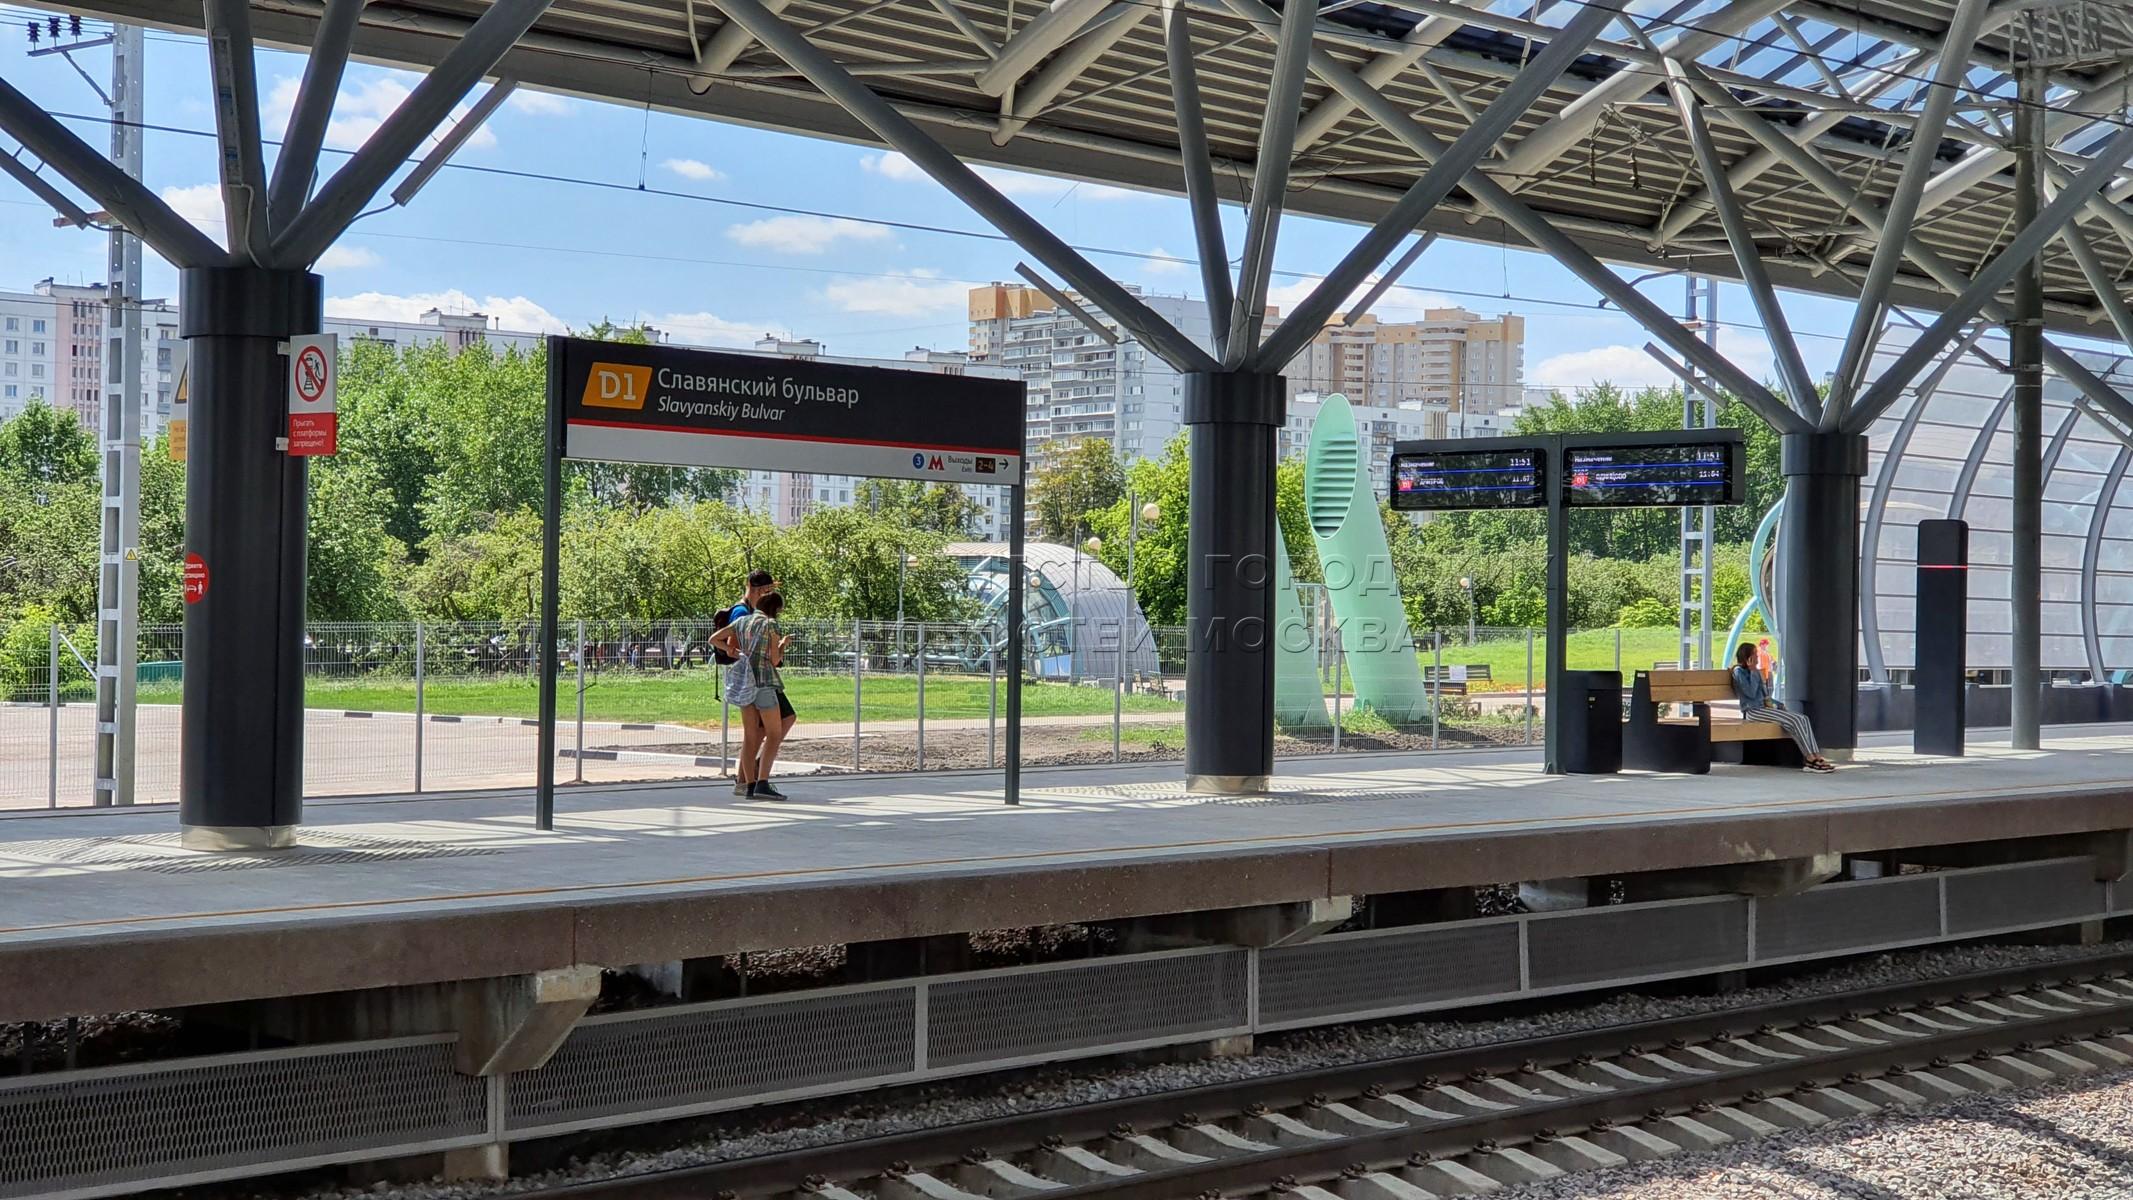 Открывшаяся для пассажиров станция «Славянский бульвар» Московского центрального диаметра (МЦД-1) на западе столицы.